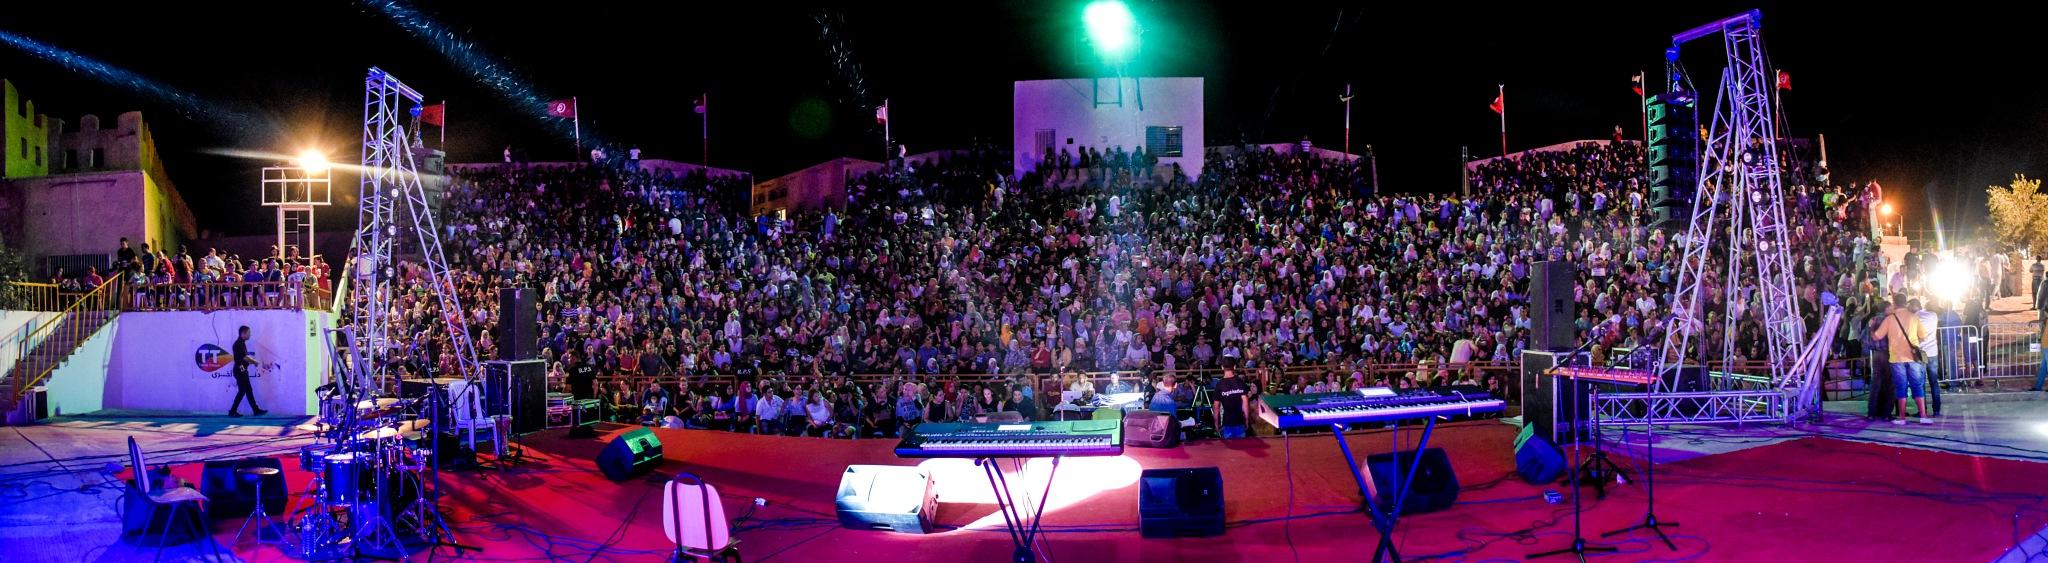 Festival international Gafsa 2017 by Mahdi Chabou